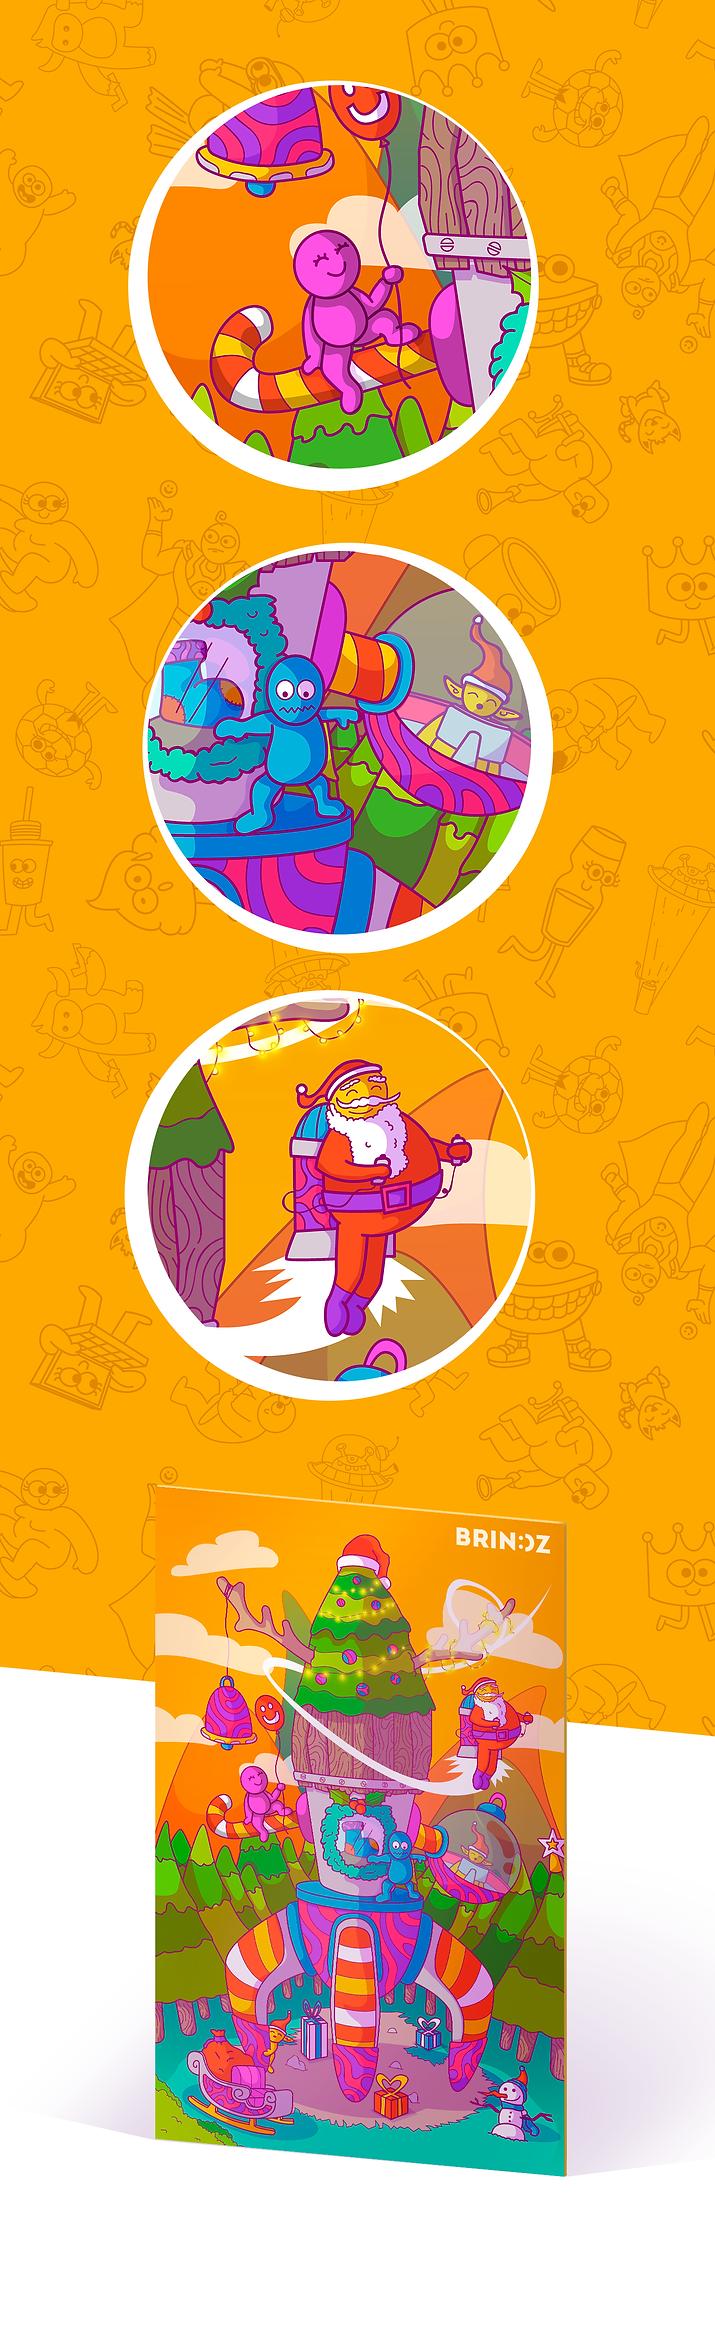 Behance---Ilustração-Brindz---Sacola-e-C